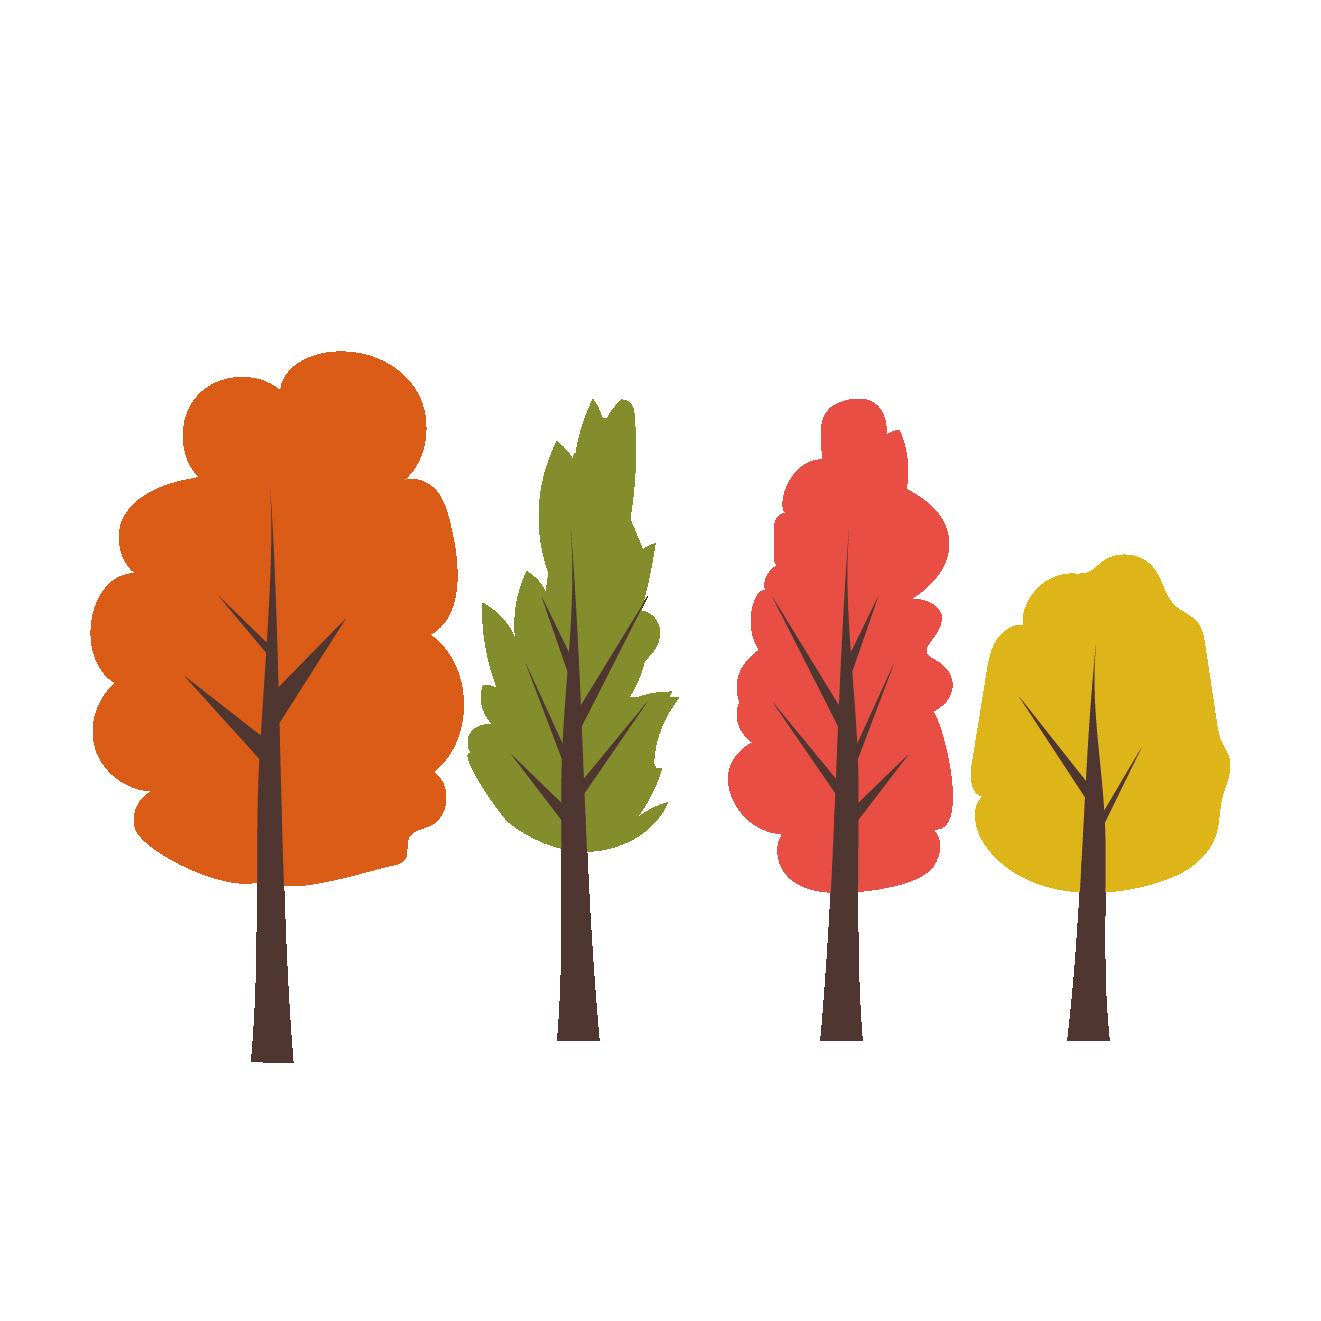 紅葉している木のイラスト【植物・グリーン・秋】 | 商用フリー(無料